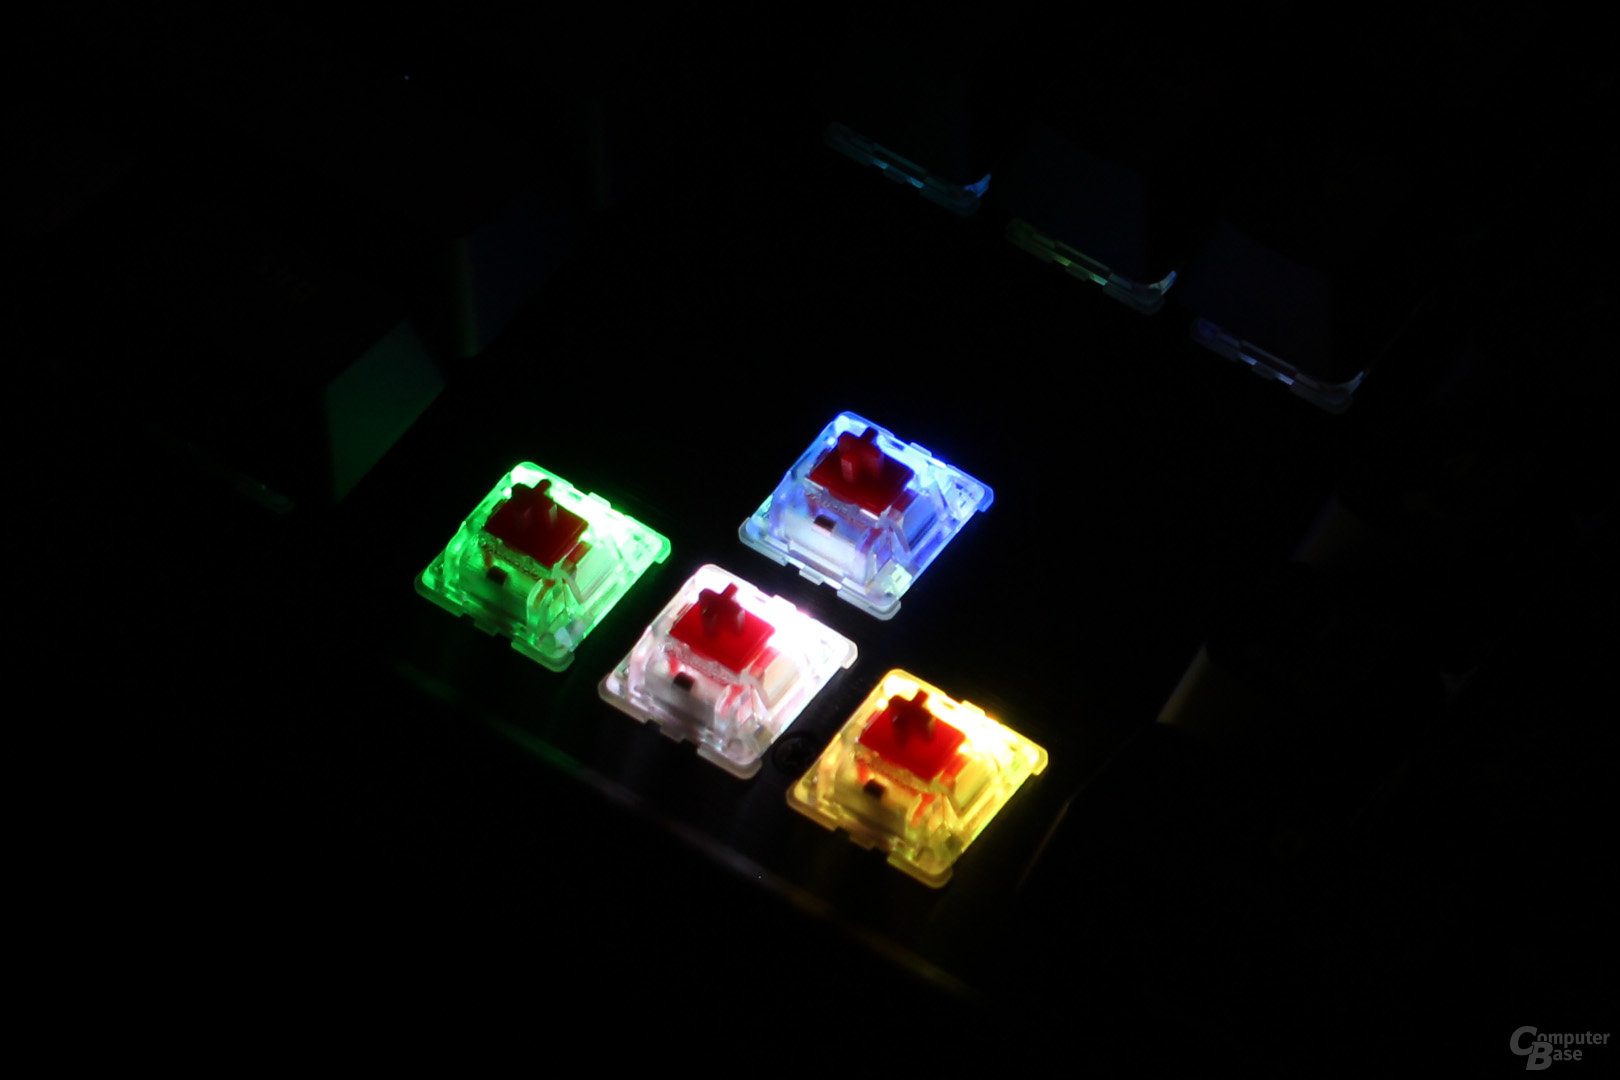 Unterhalb des Tasters befestigte LEDs verbessern die Ausleuchtung